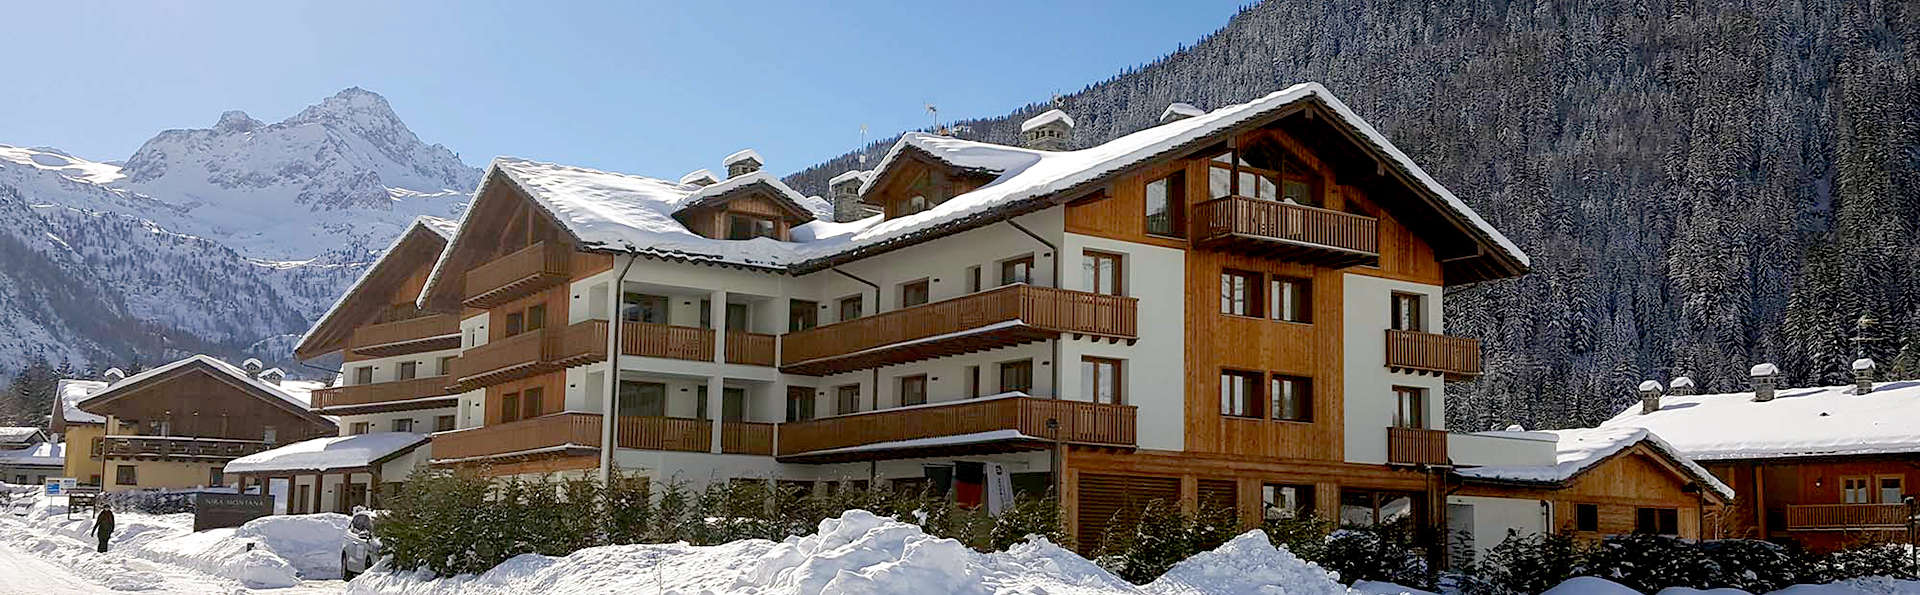 Découvrez les plus hauts sommets d'Europe dans la Vallée d'Aoste